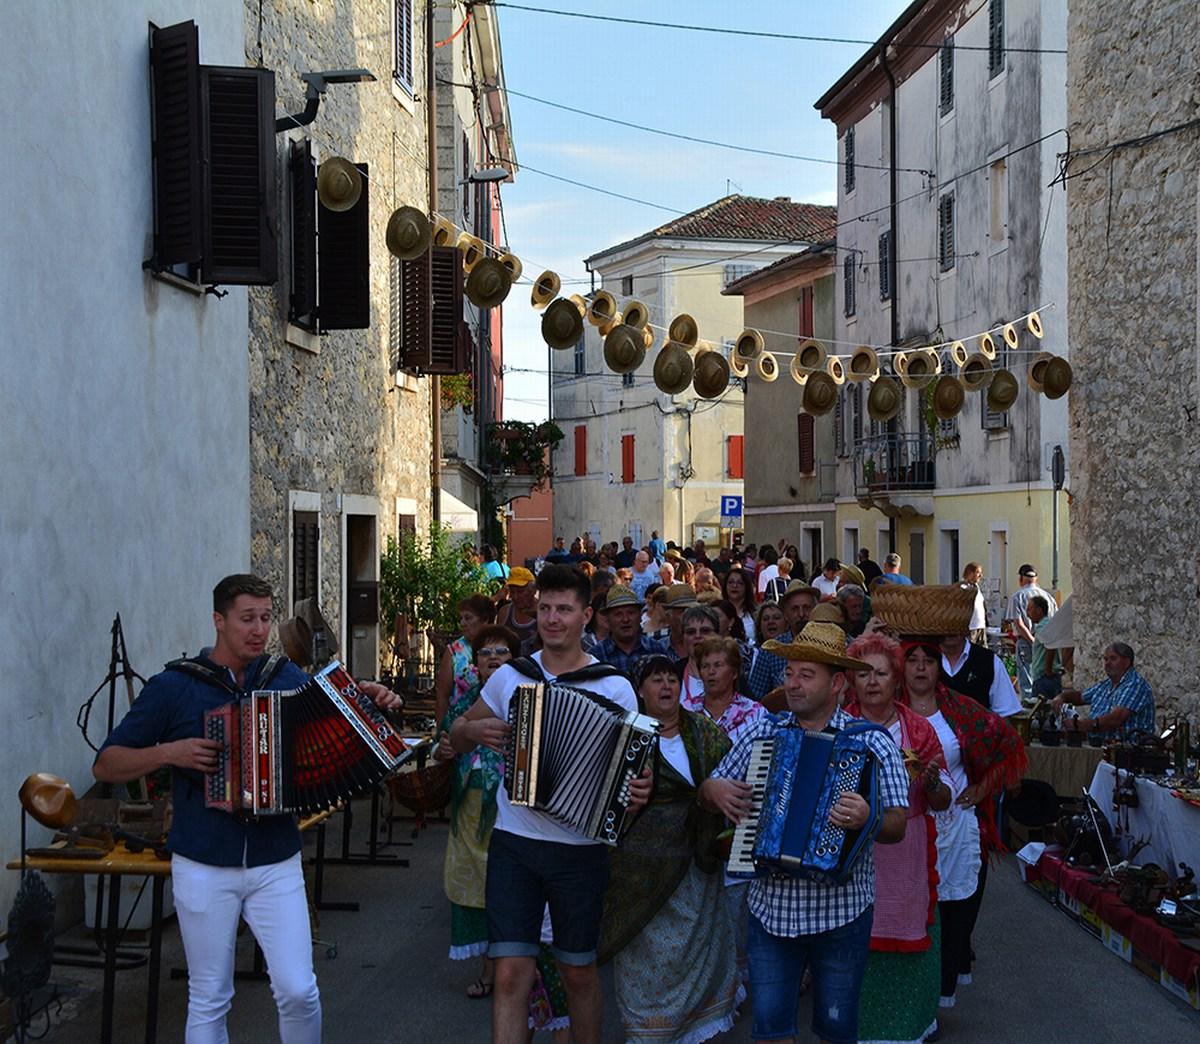 Prireditev italijanske skupnosti v Novi vasi